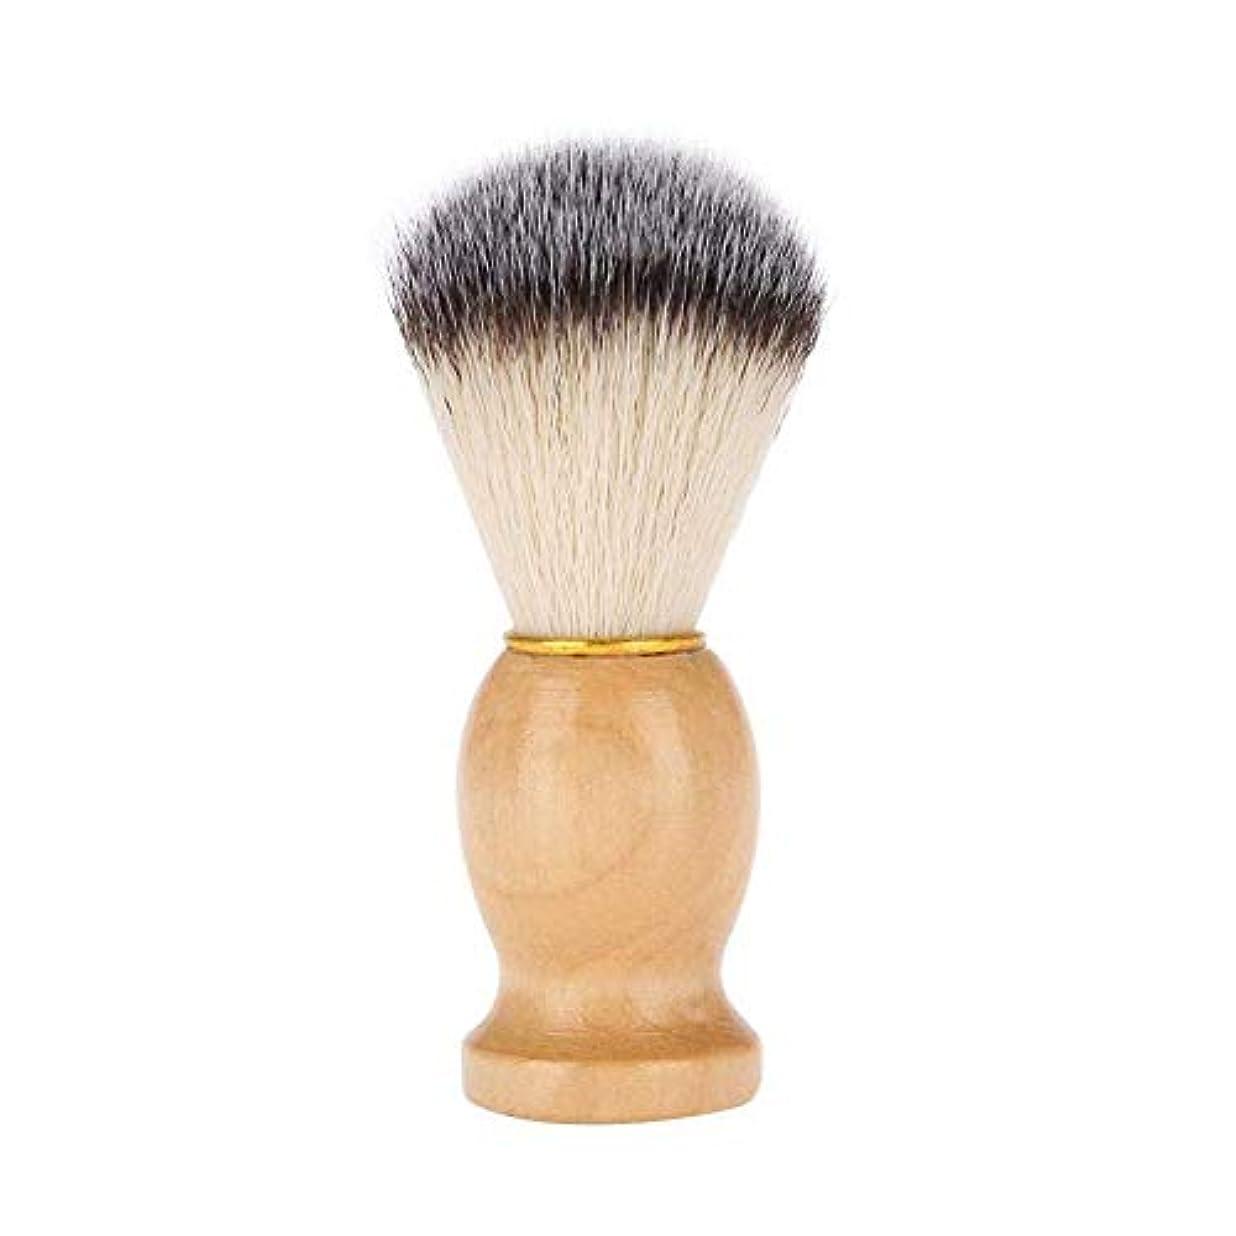 沿って電話に出るウェブ毛髭ブラシと木製コ バガーヘア げブラシメンズシェービングブラシ シェービングブラシ